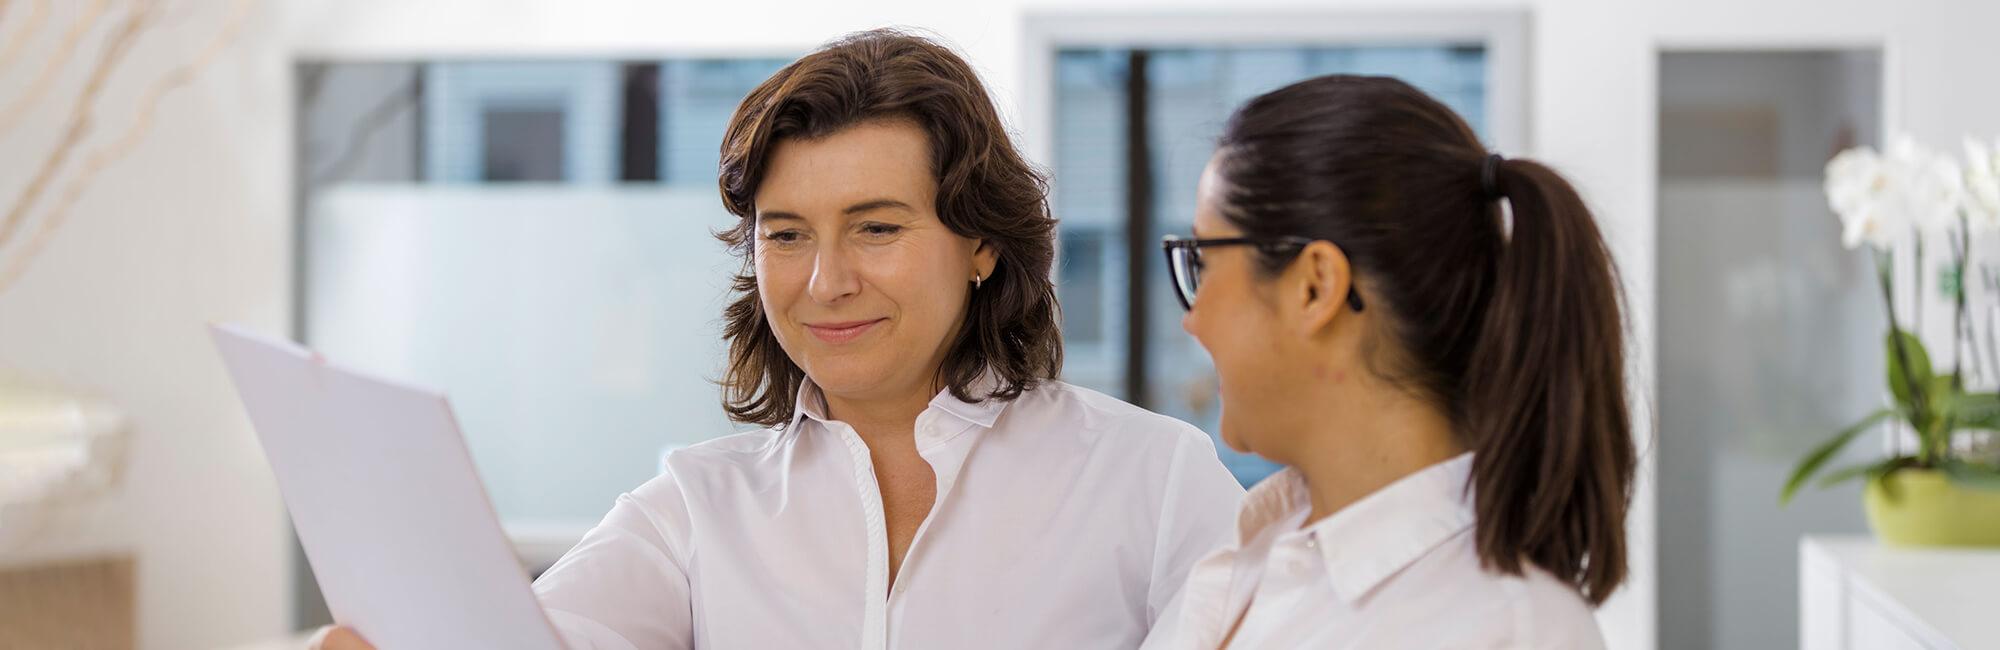 Hausarzt Köln Innenstadt - Dr. Lucia Bachner - das Ärzteteam der Praxis - Team